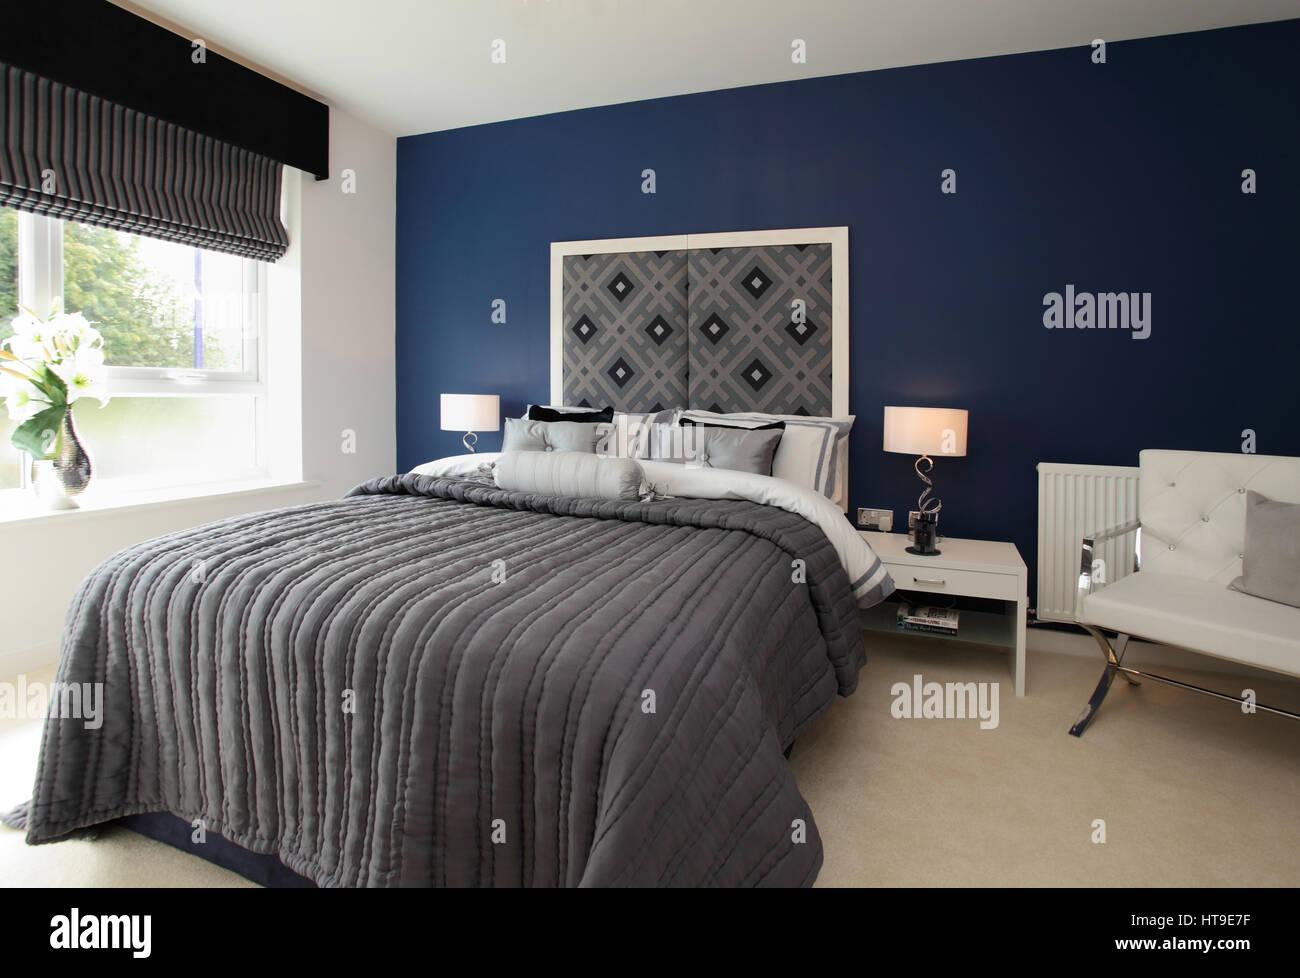 Wohngebaude Schlafzimmer Blau Einrichtung Bett Verteilt